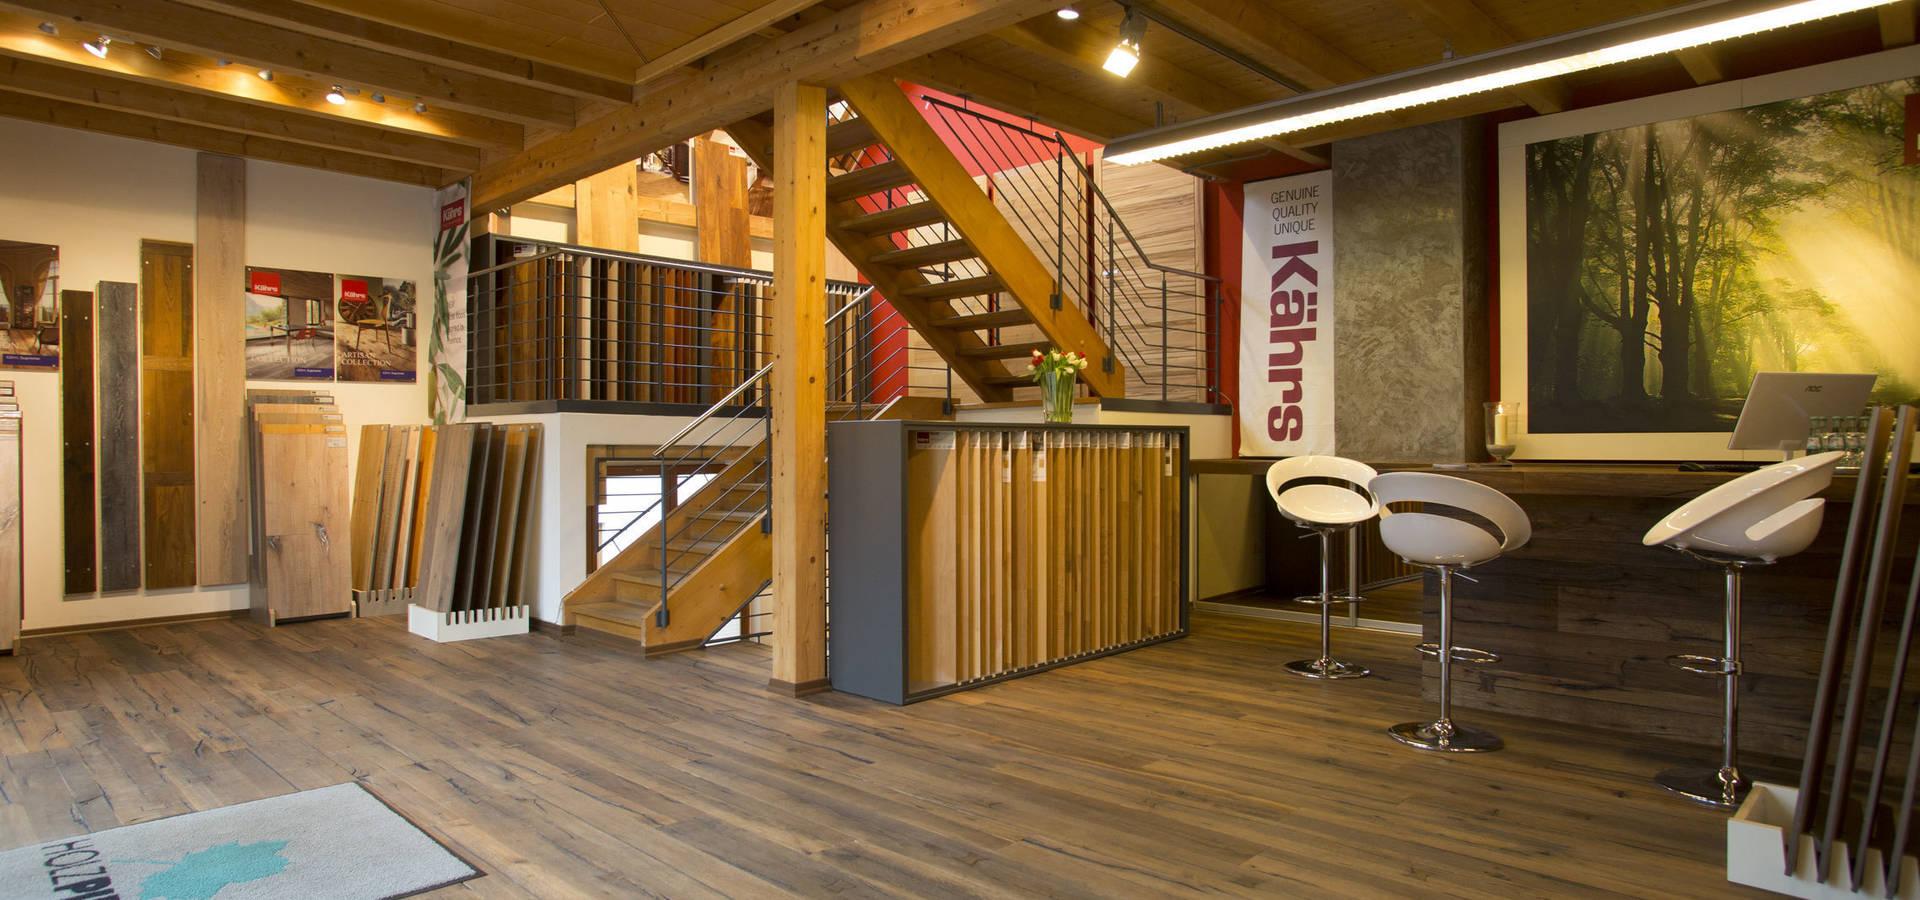 Holz Pirner GmbH